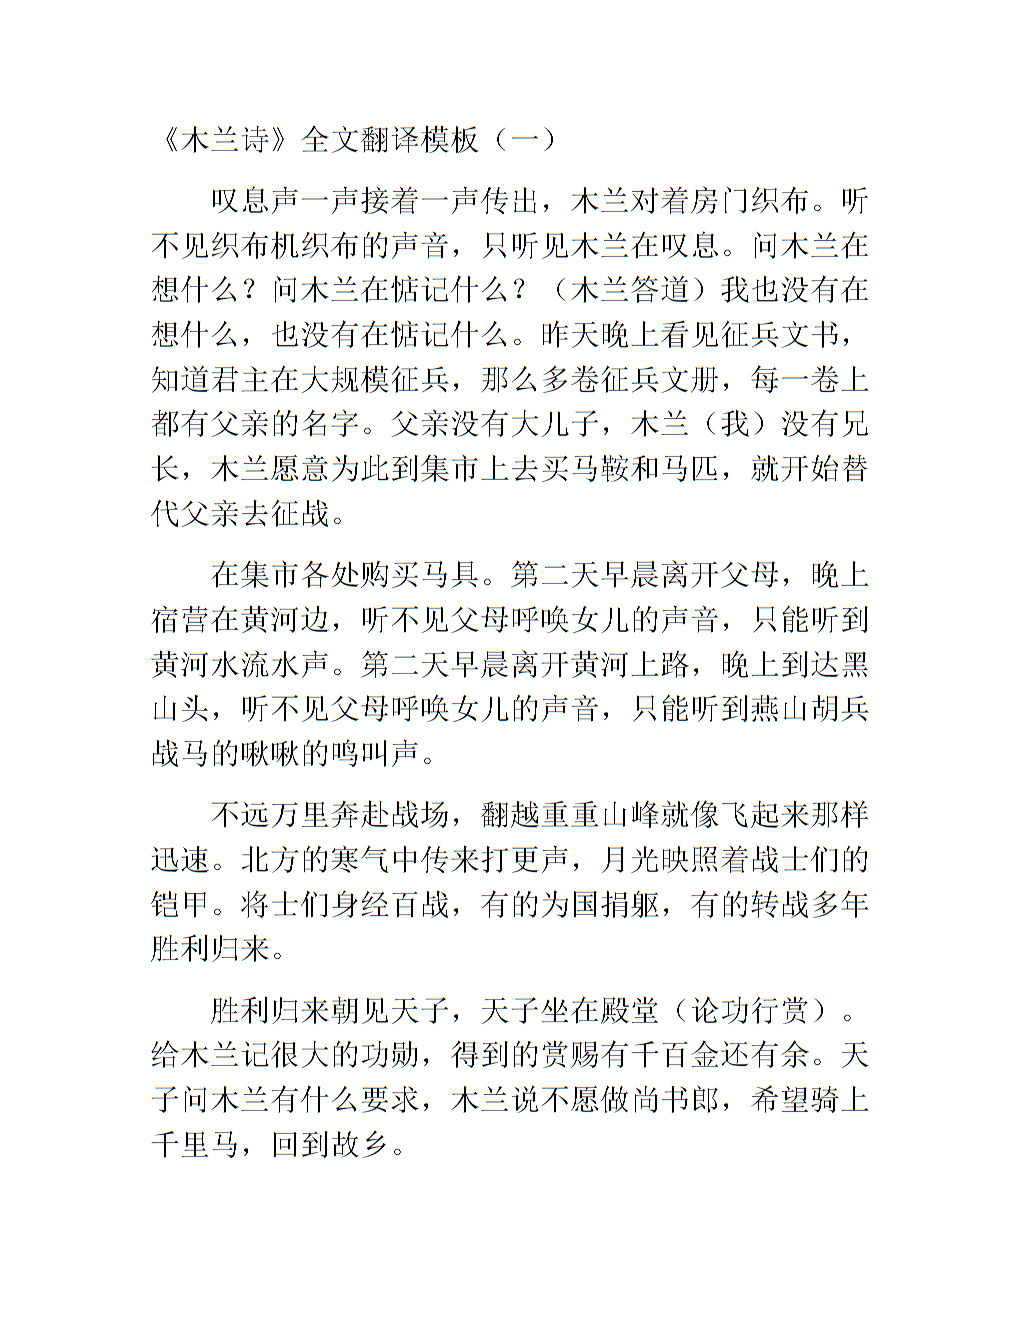 《《木兰诗》全文翻译模板(二).docx》